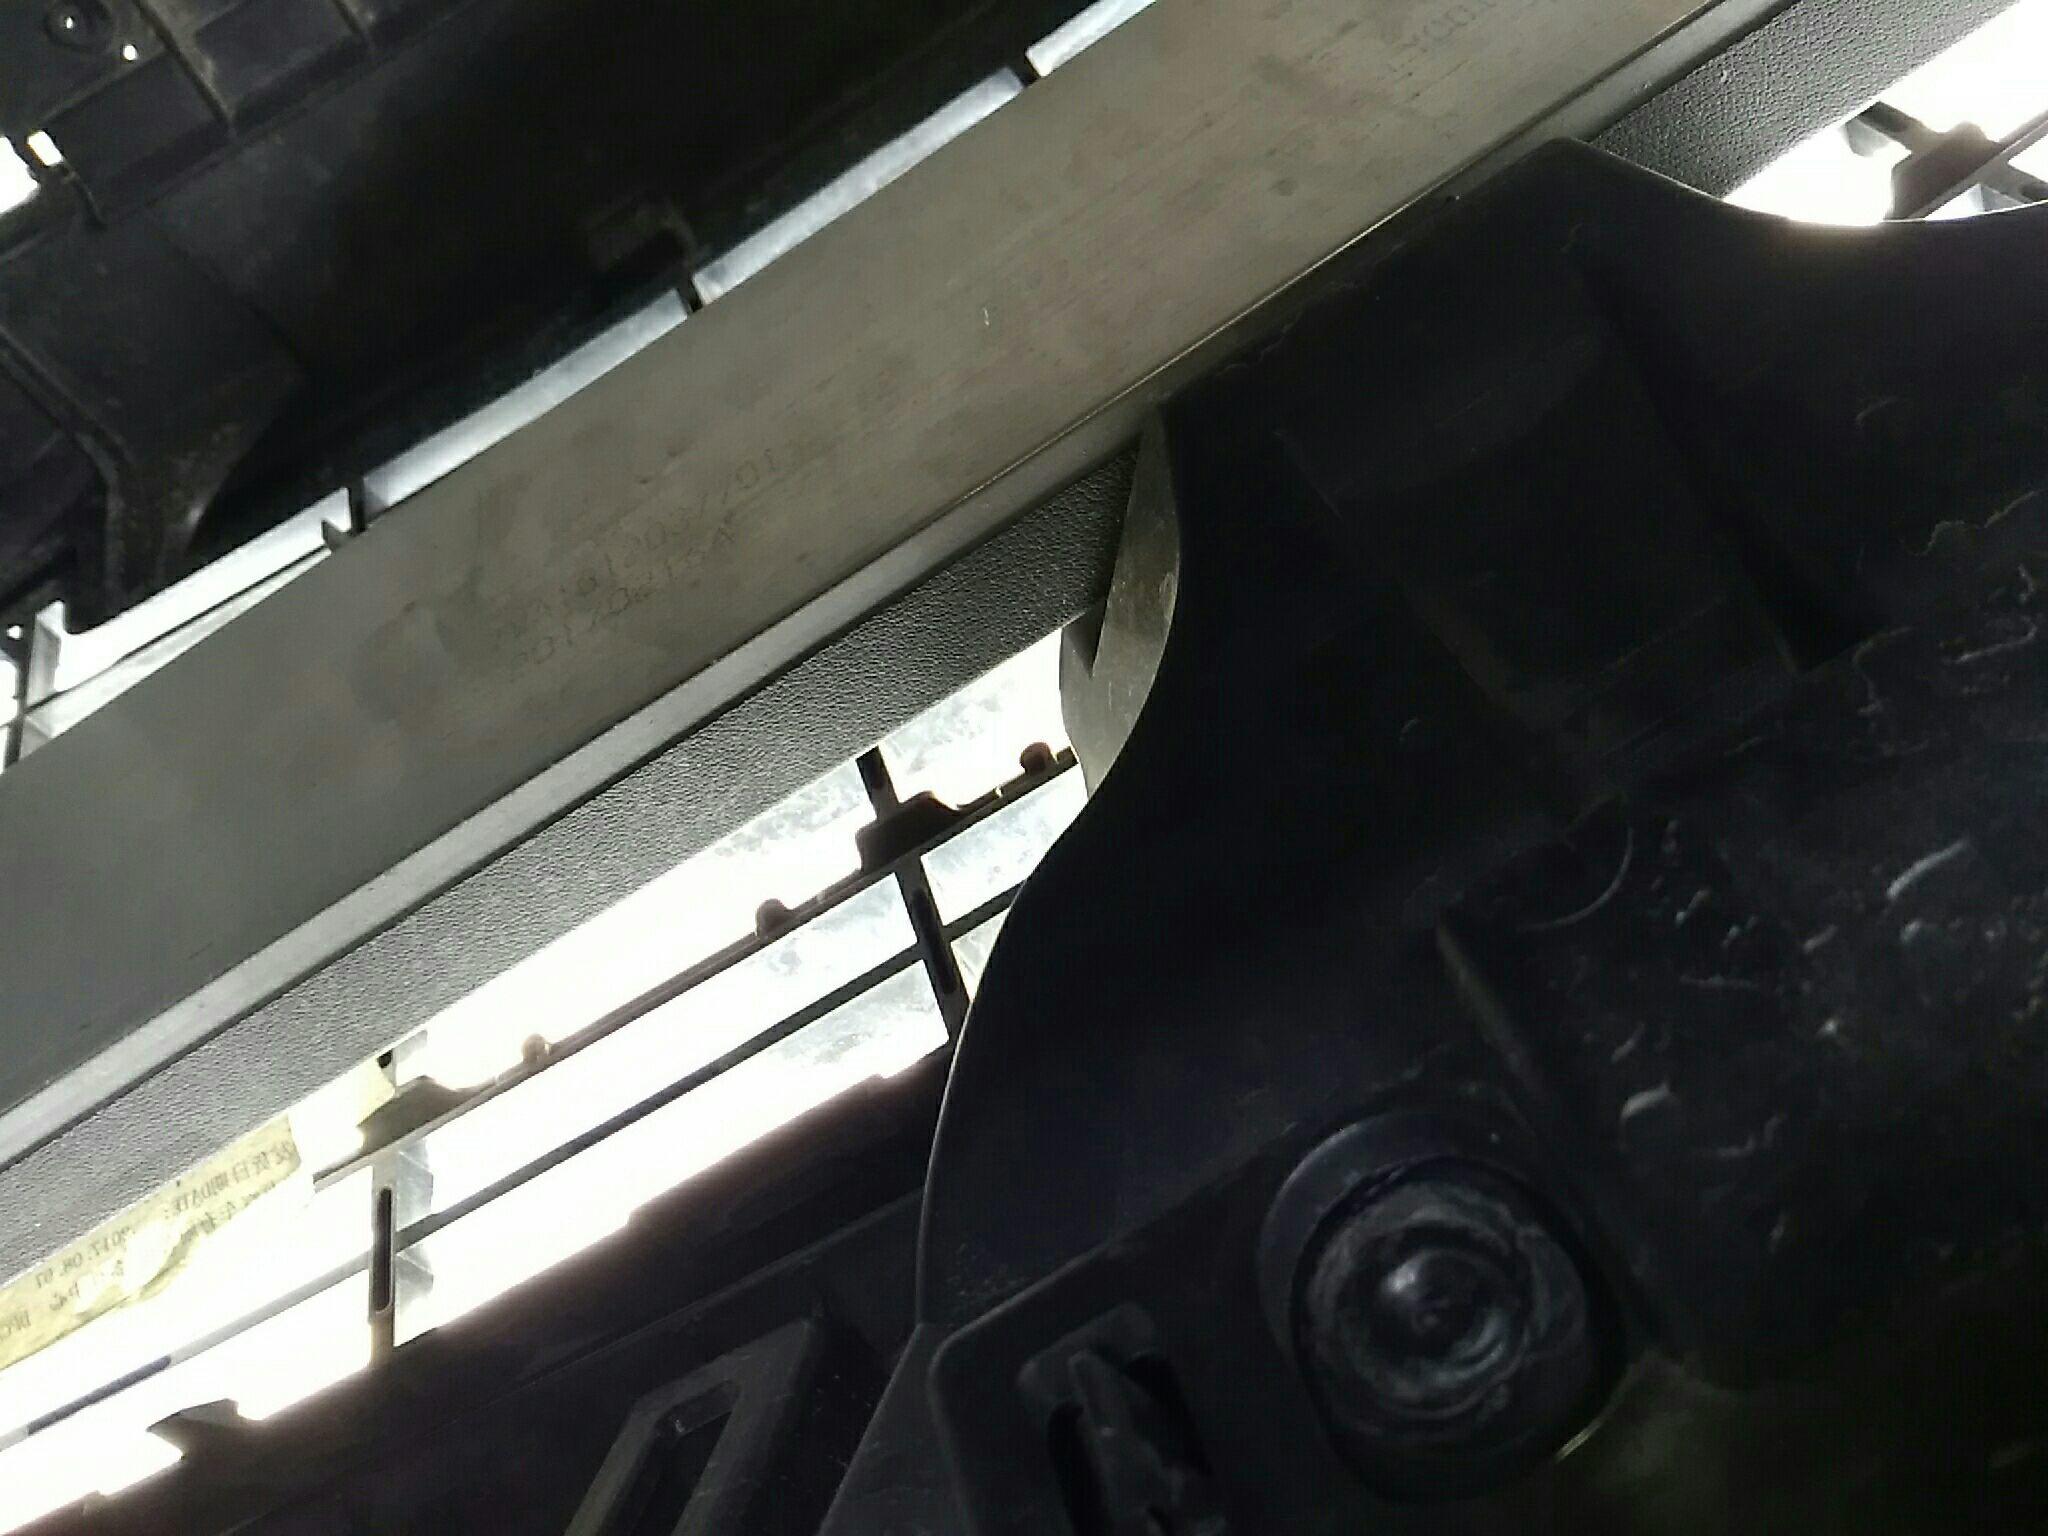 无锡二手标致标致307 > 标致307 2007  车头轻微的碰撞会导致防撞梁